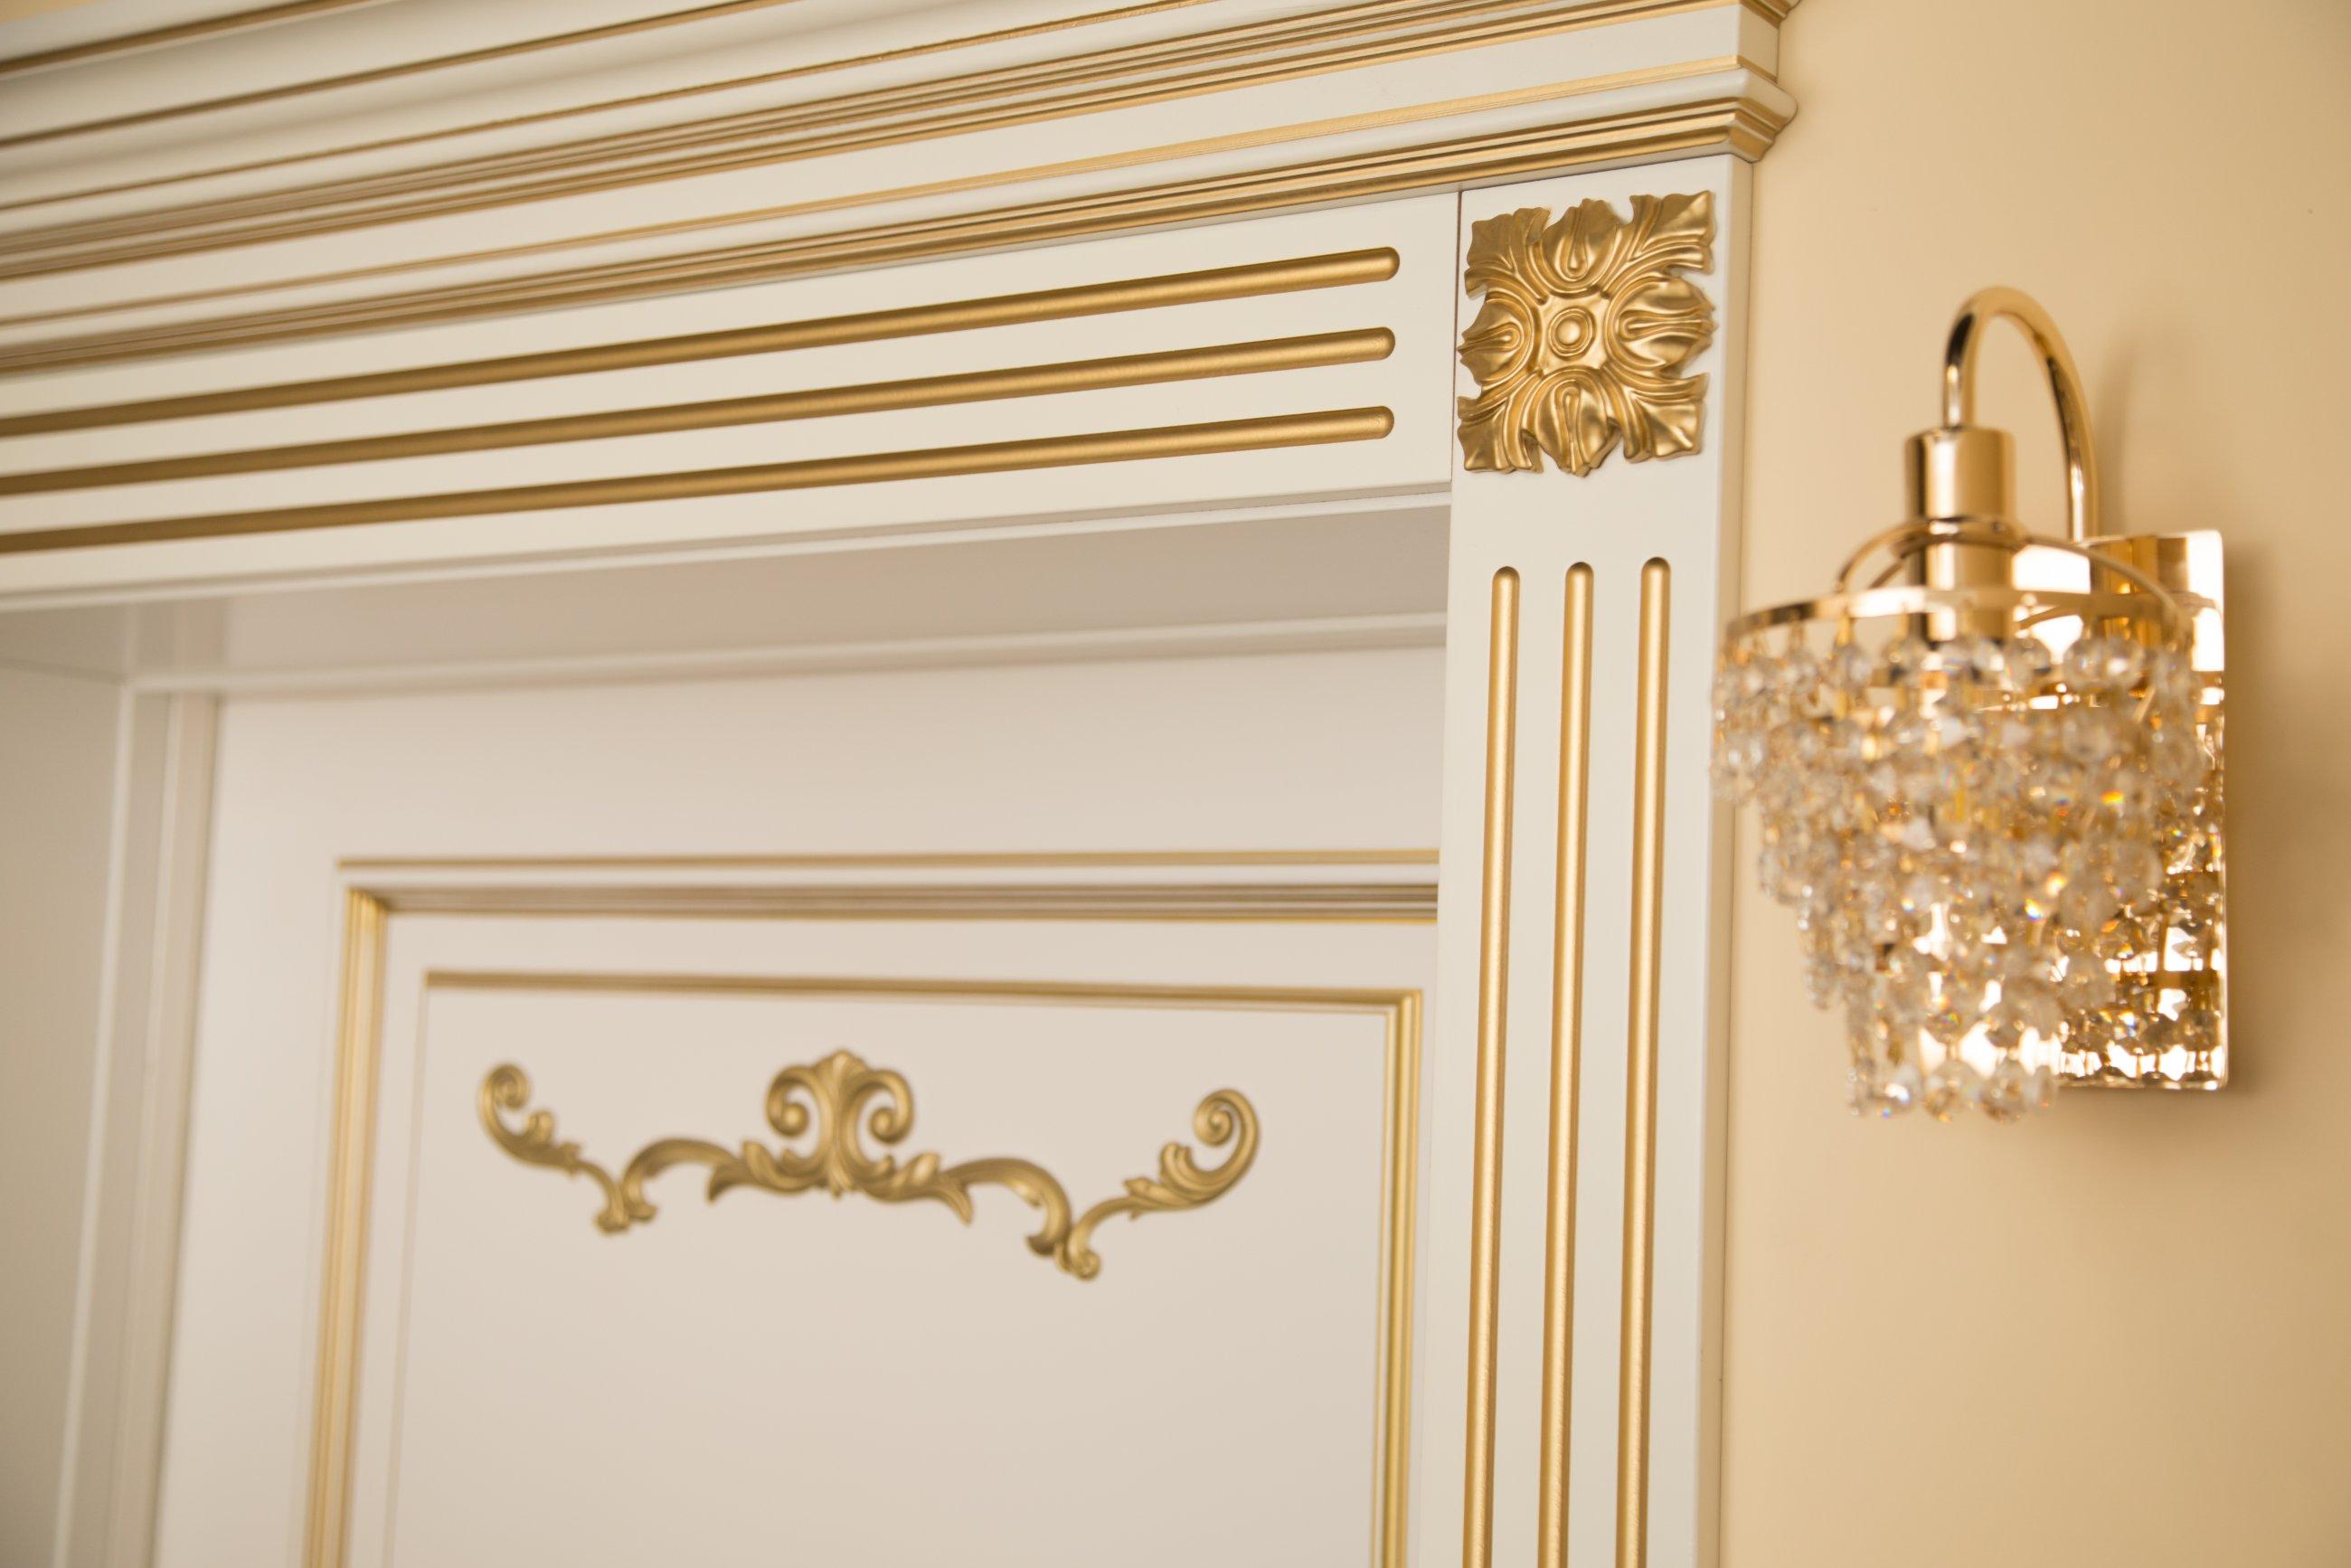 Пример золотого декора на межкомнатной двери